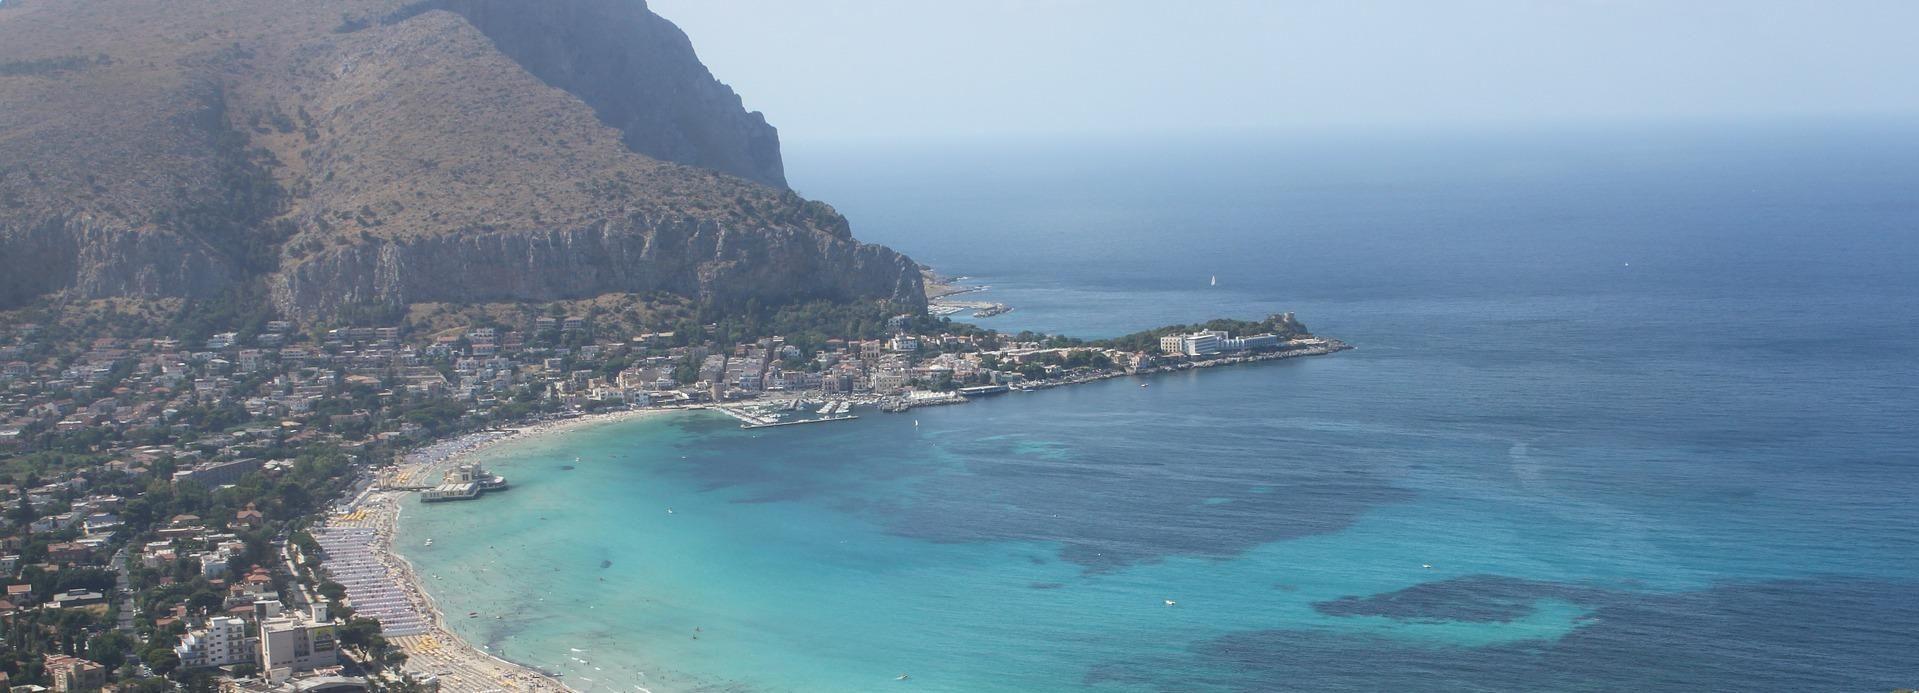 Bem-vindo a Palermo: Excursão Particular com Guia Local